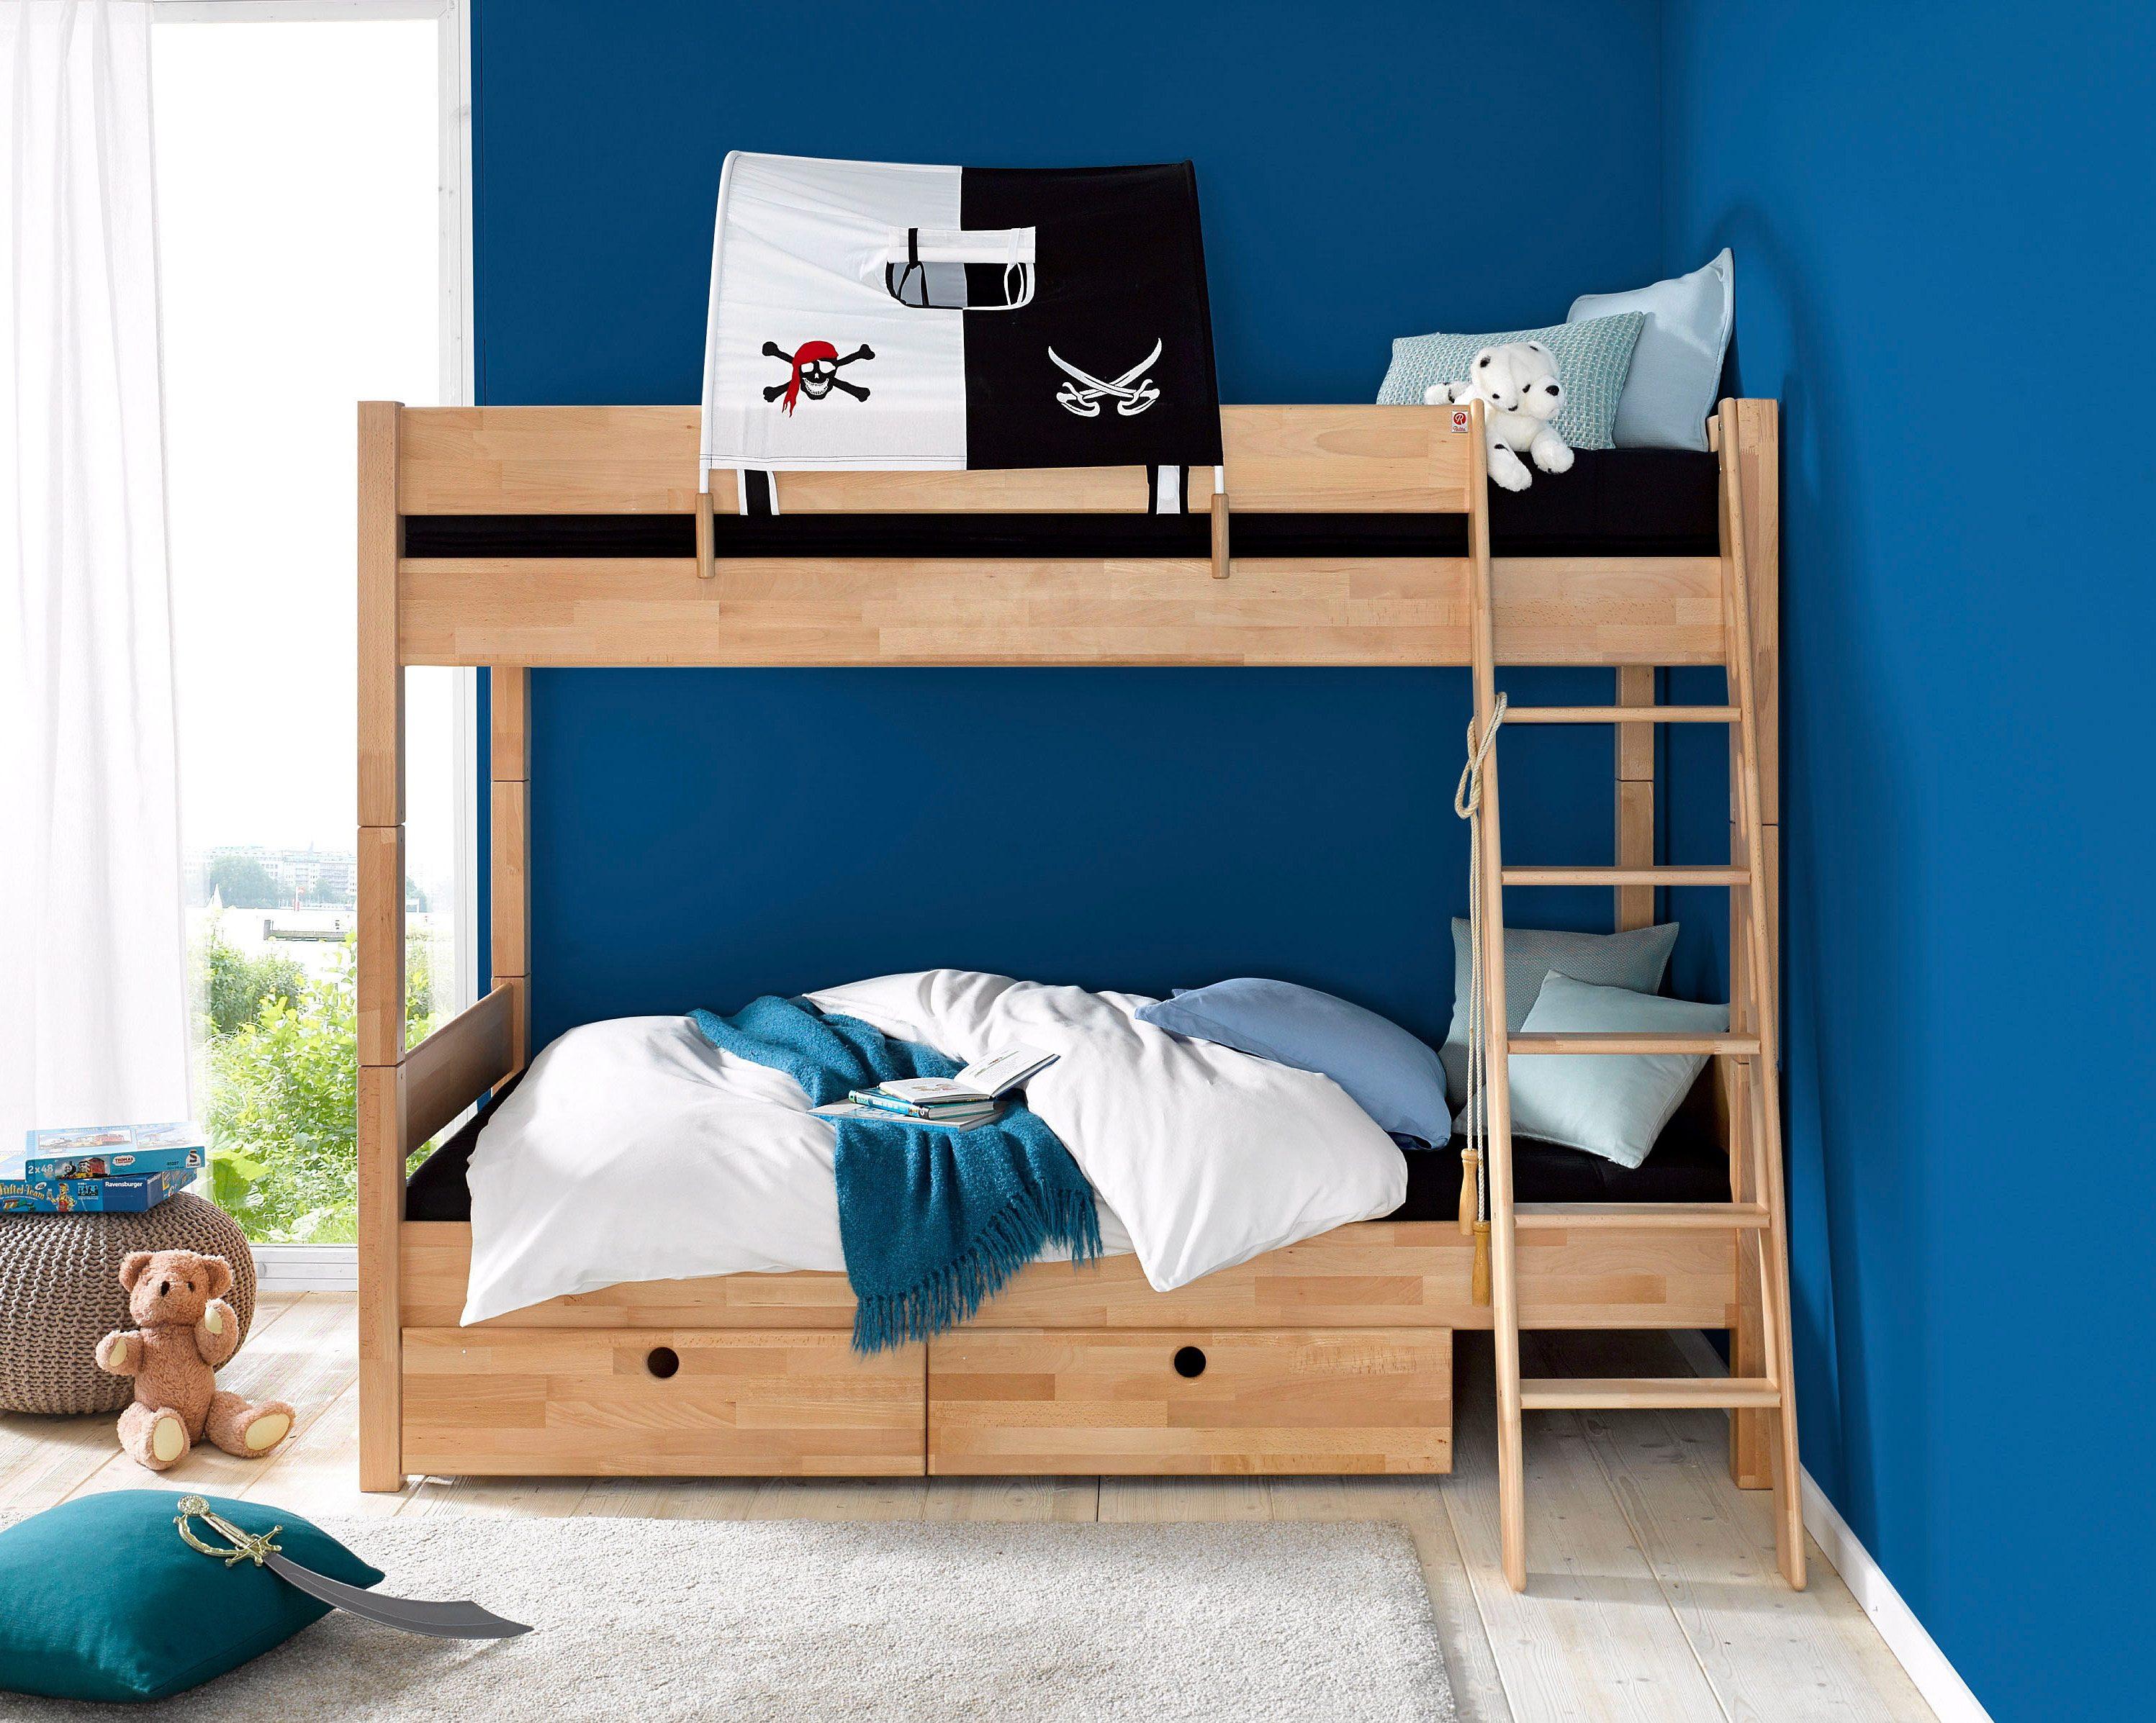 Etagenbett Set : Bunt etagenbetten online kaufen möbel suchmaschine ladendirekt.de